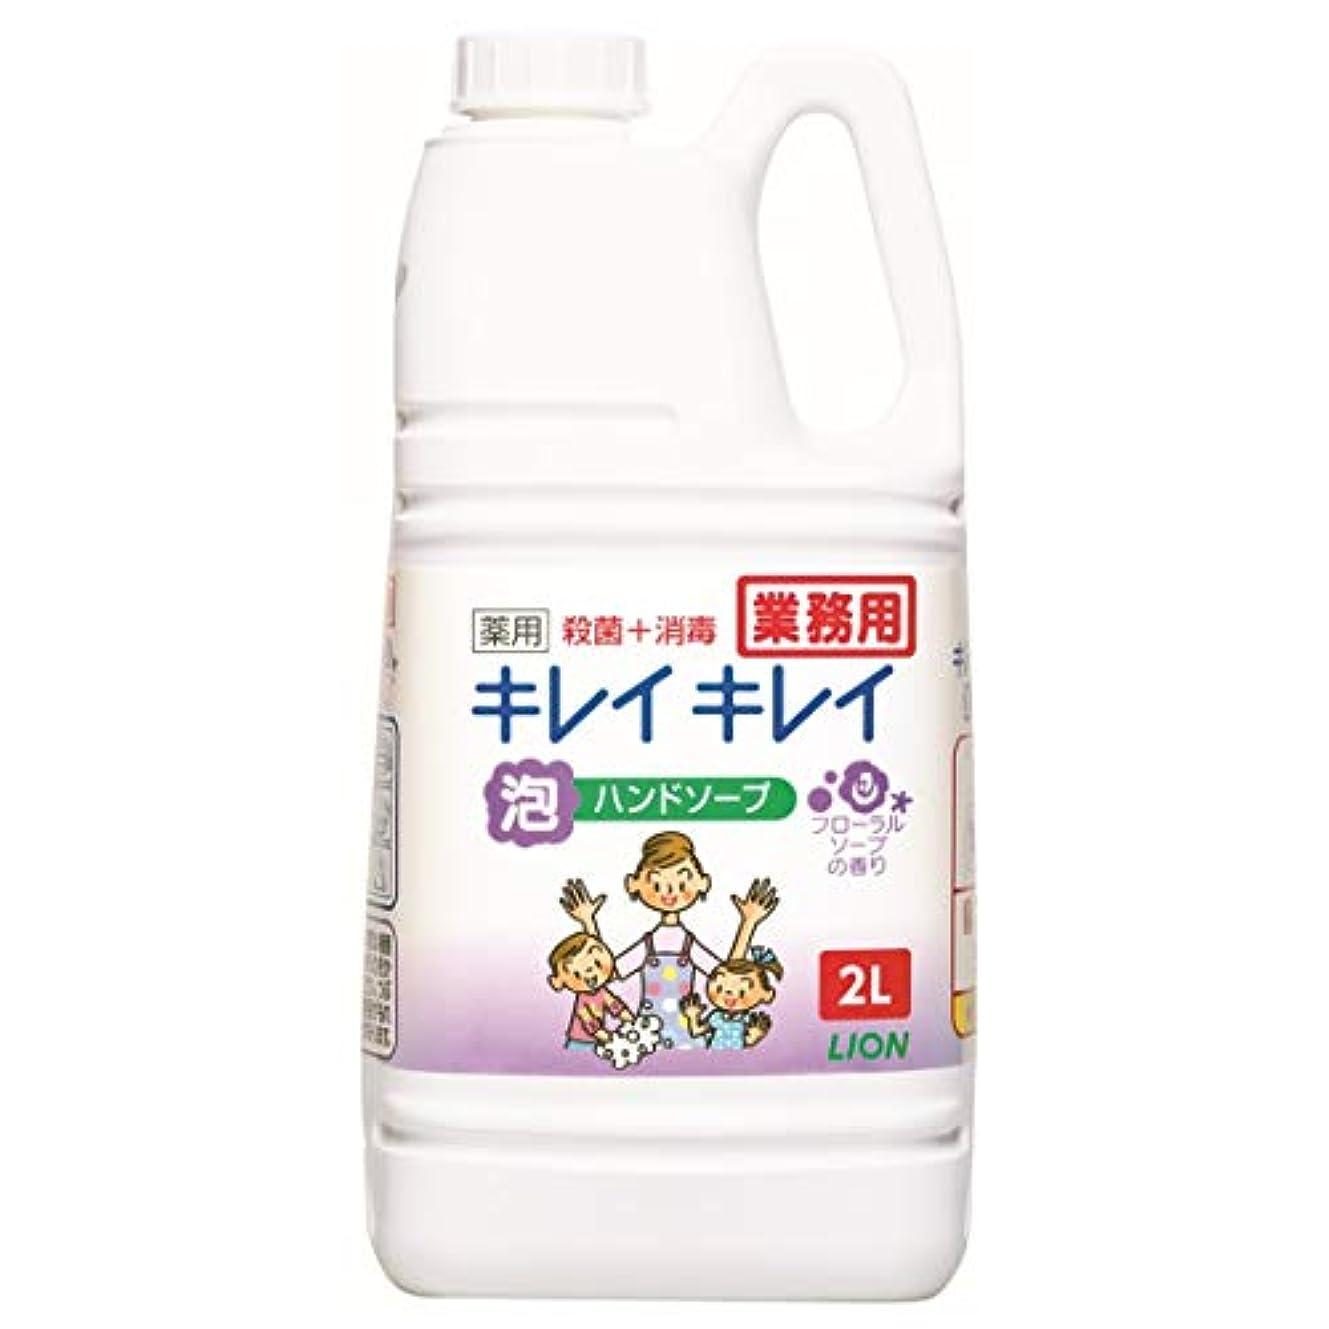 インタビュートリムはさみ【大容量】キレイキレイ 薬用泡ハンドソープ フローラルソープの香り 2L